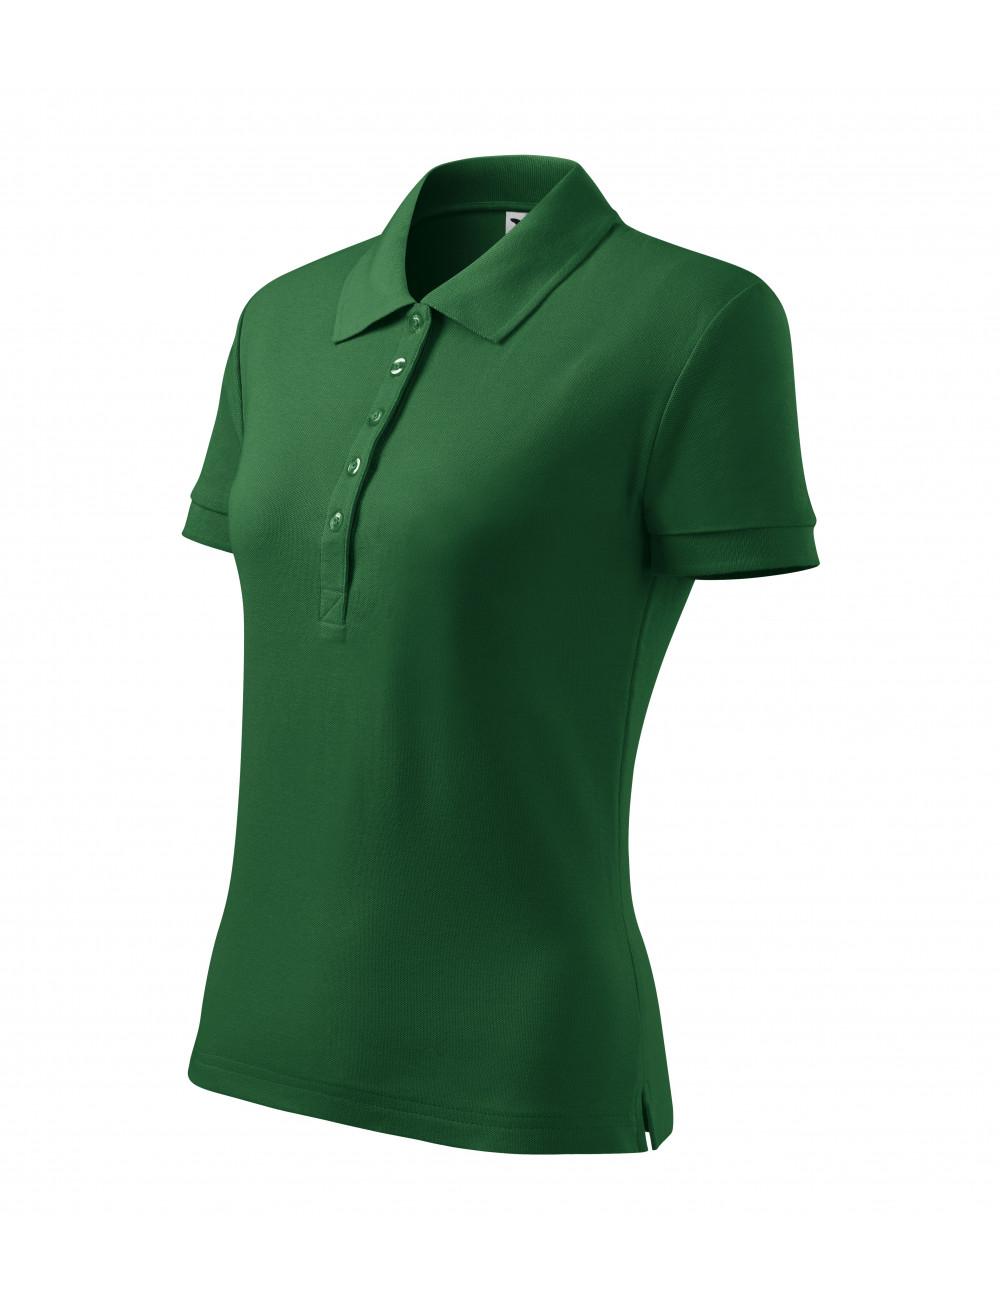 Adler MALFINI Koszulka polo damska Cotton Heavy 216 zieleń butelkowa